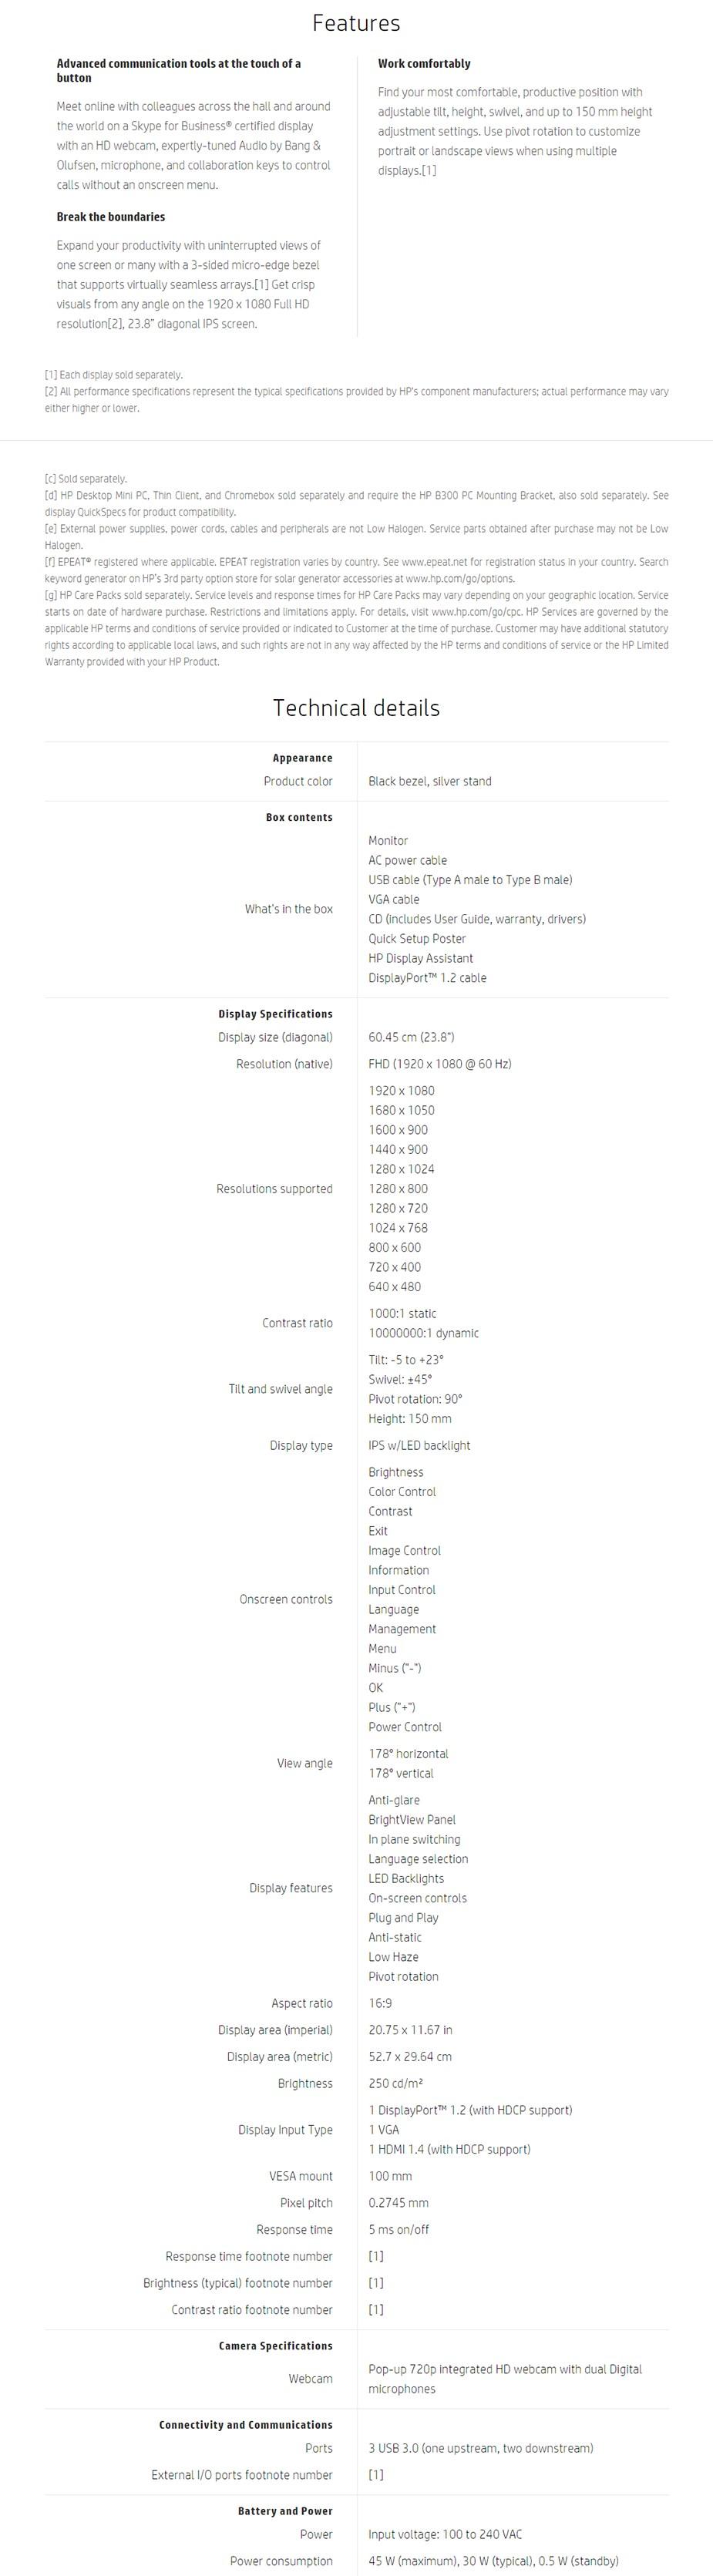 """HP EliteDisplay E243M 23.8"""" Full HD IPS LED Monitor - Desktop Overview 1"""